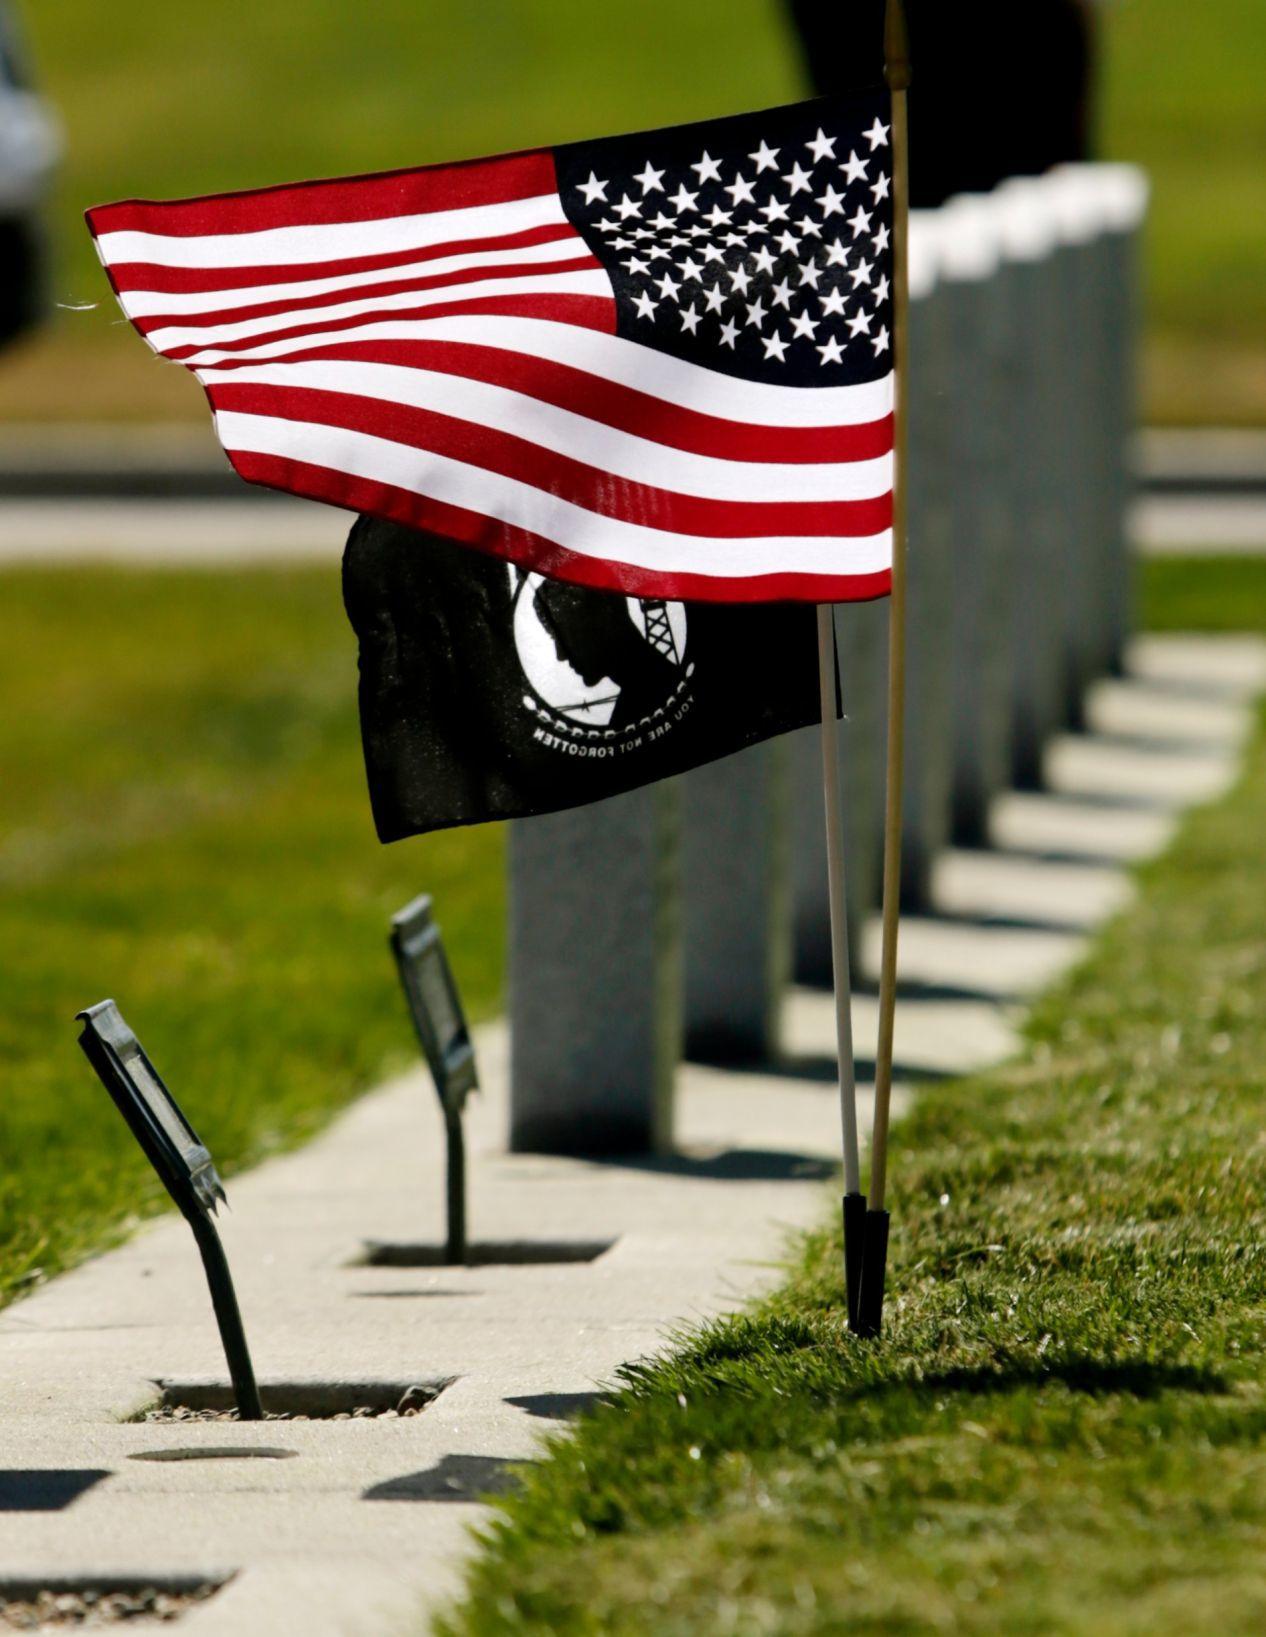 A U.S. and a POW/MIA flag